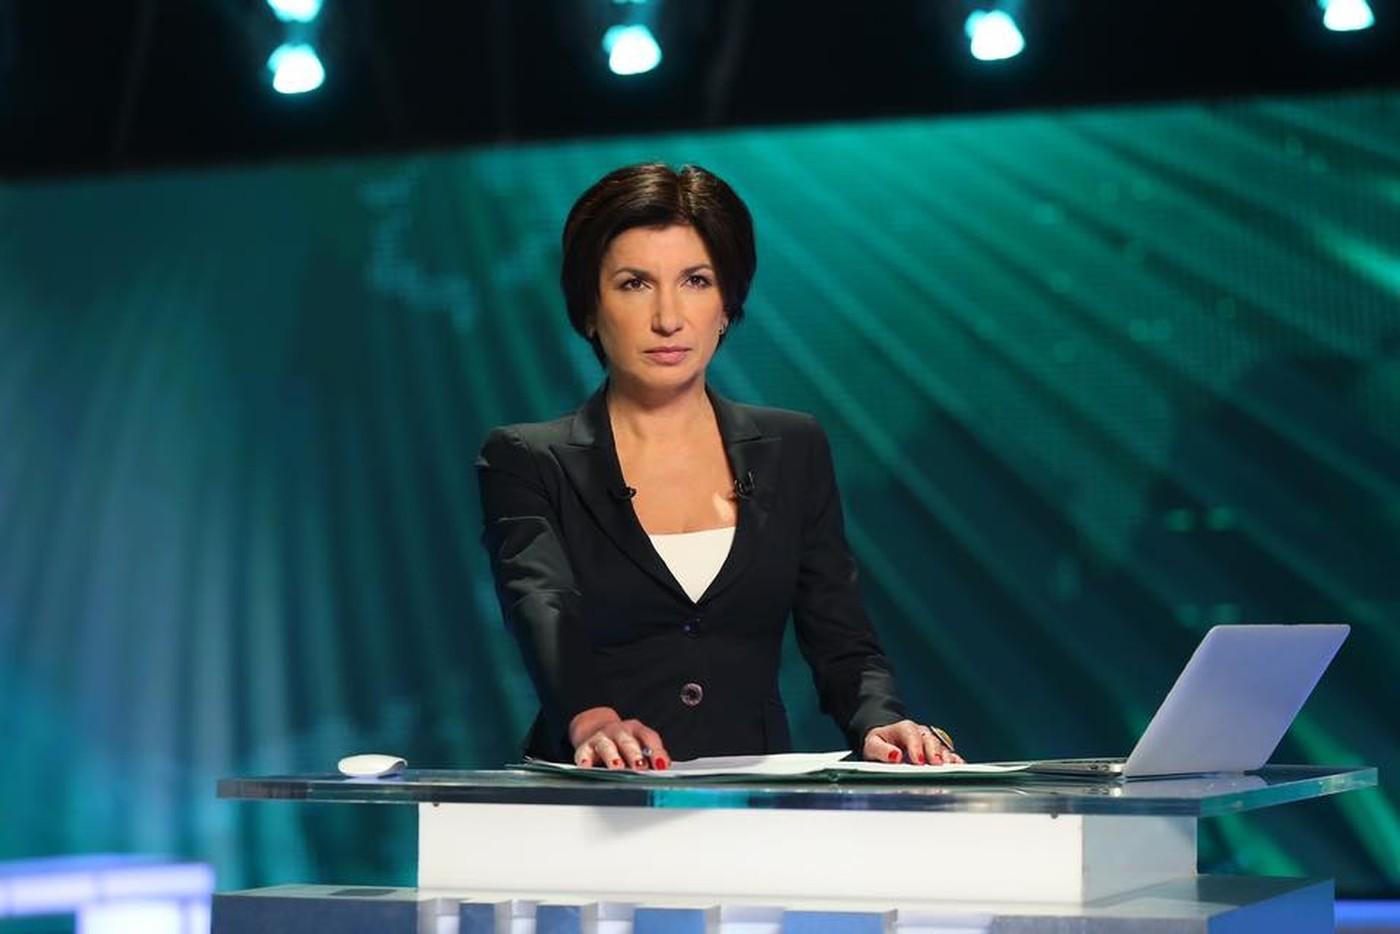 foto-televedushih-rossiyskih-kanalov-lesbiyanok